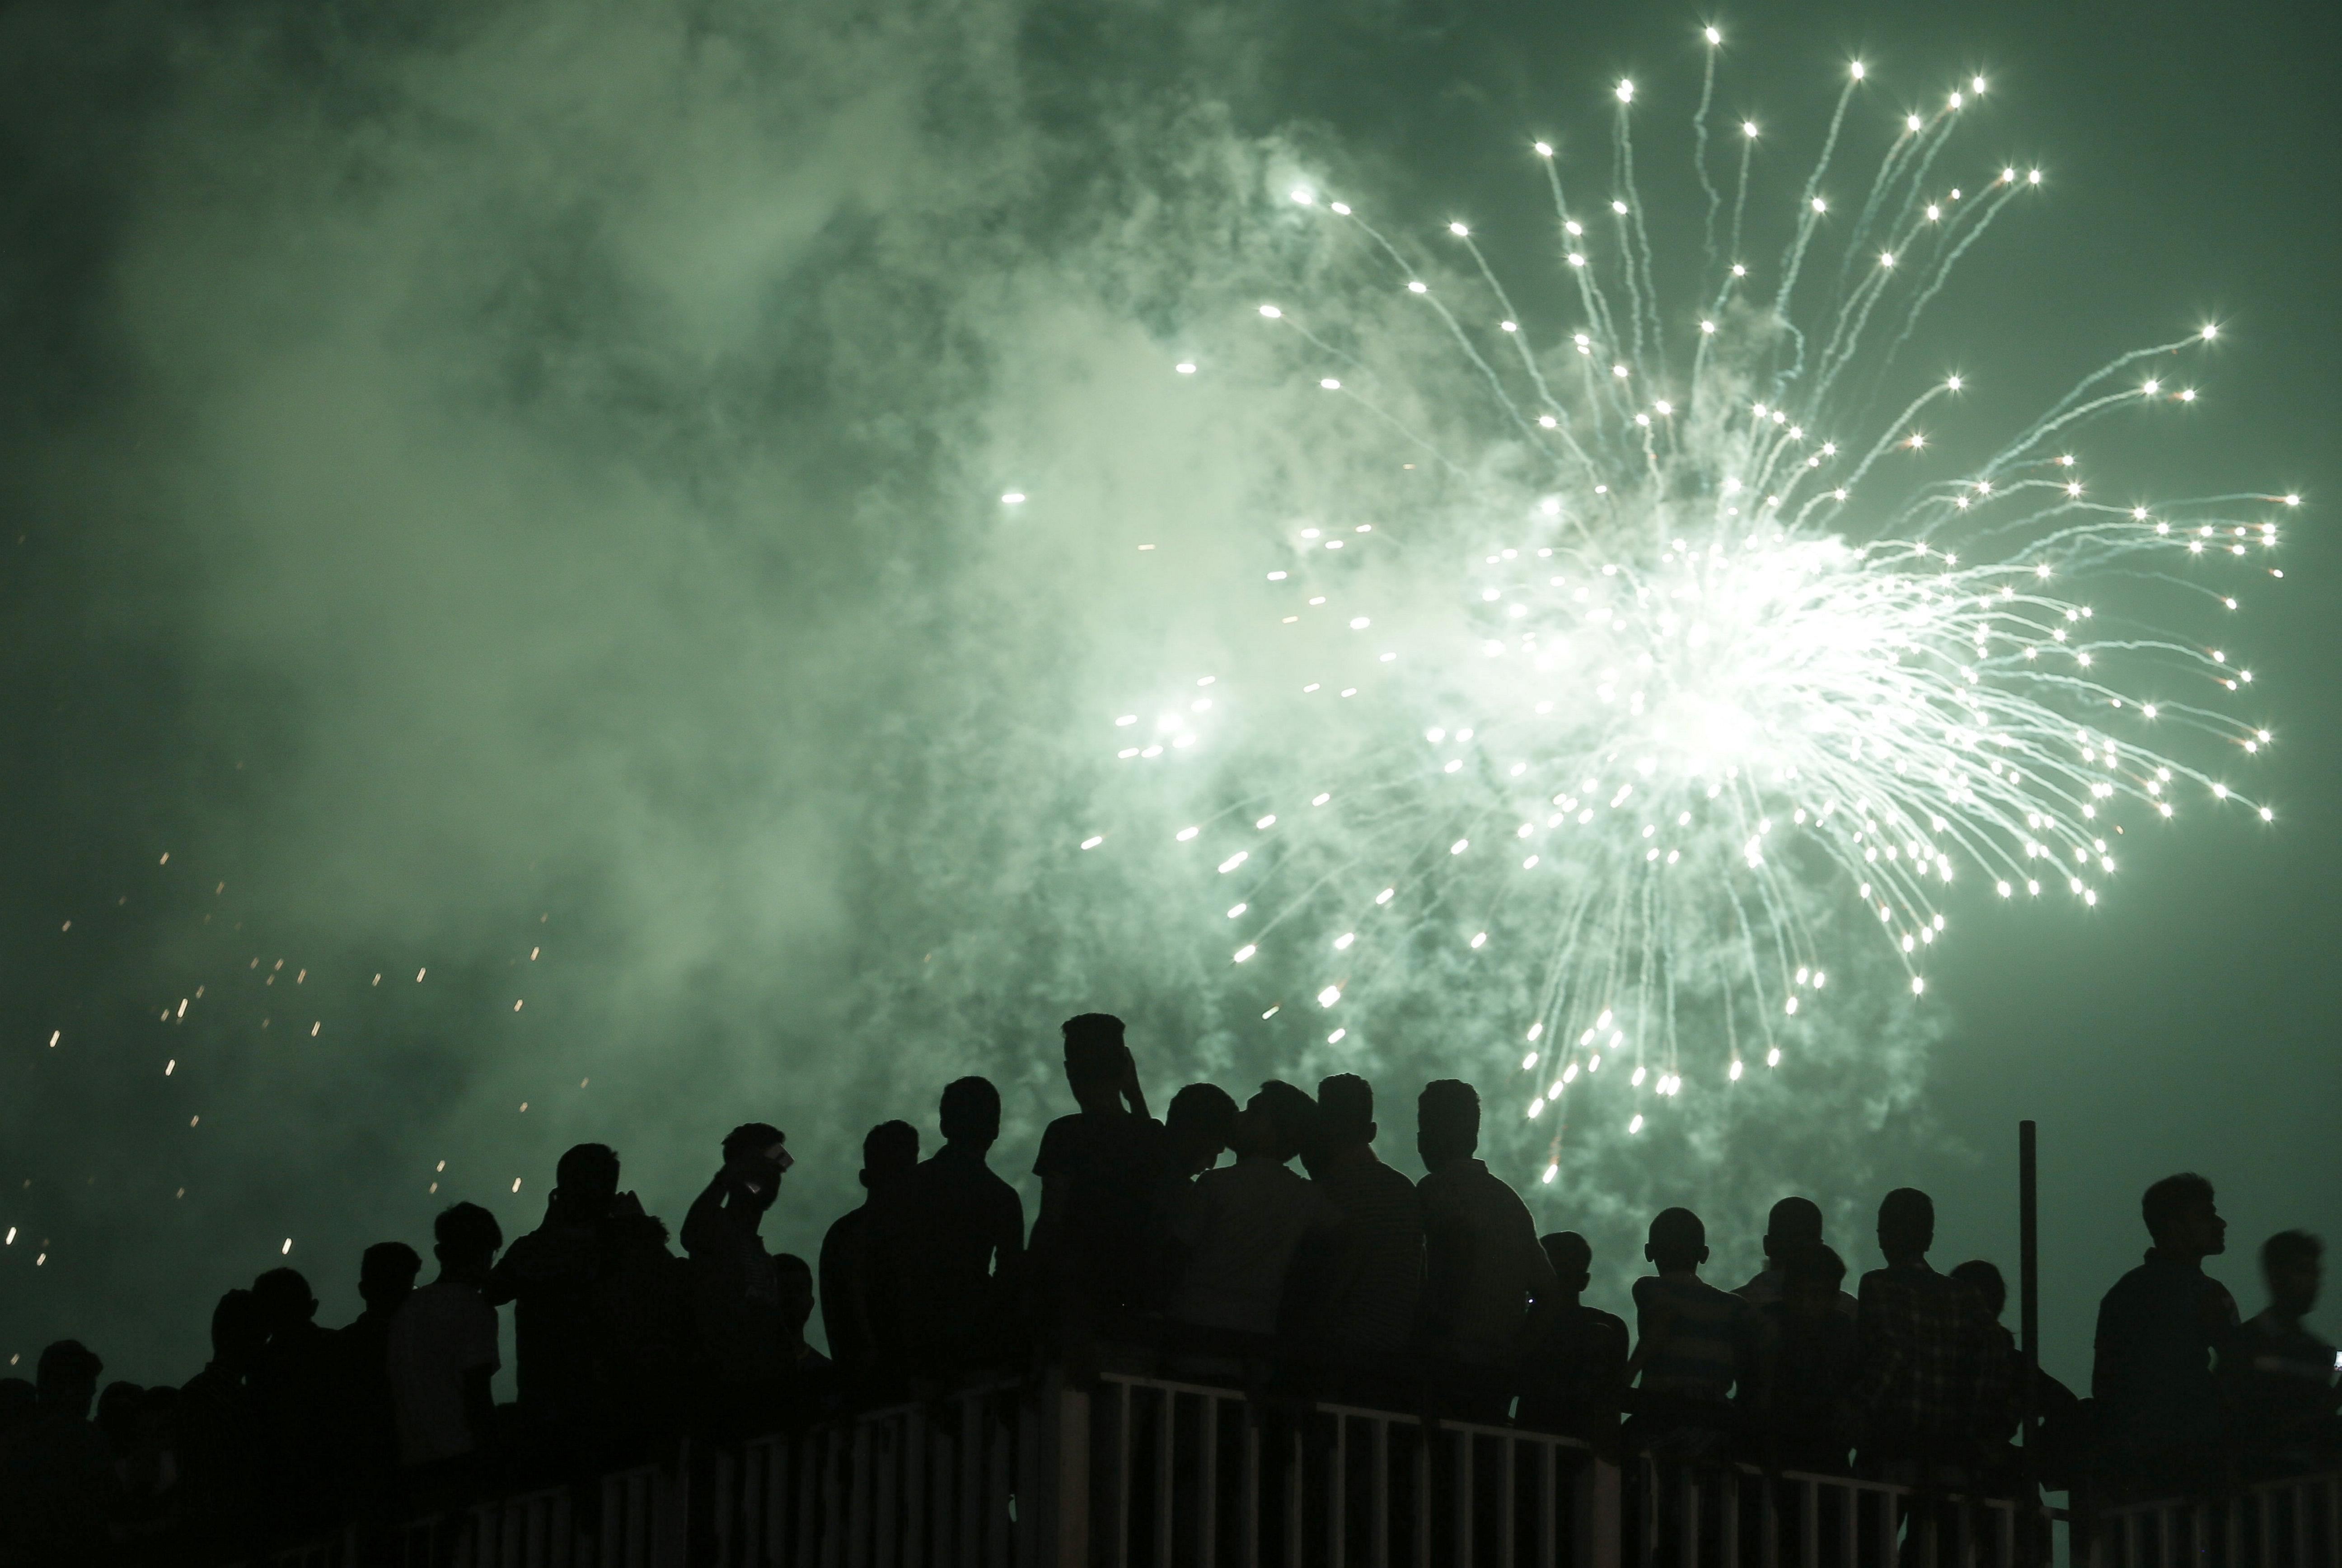 La gente ve los fuegos artificiales durante las celebraciones de Año Nuevo en Colombo, Sri Lanka (REUTERS/Dinuka Liyanawatte)